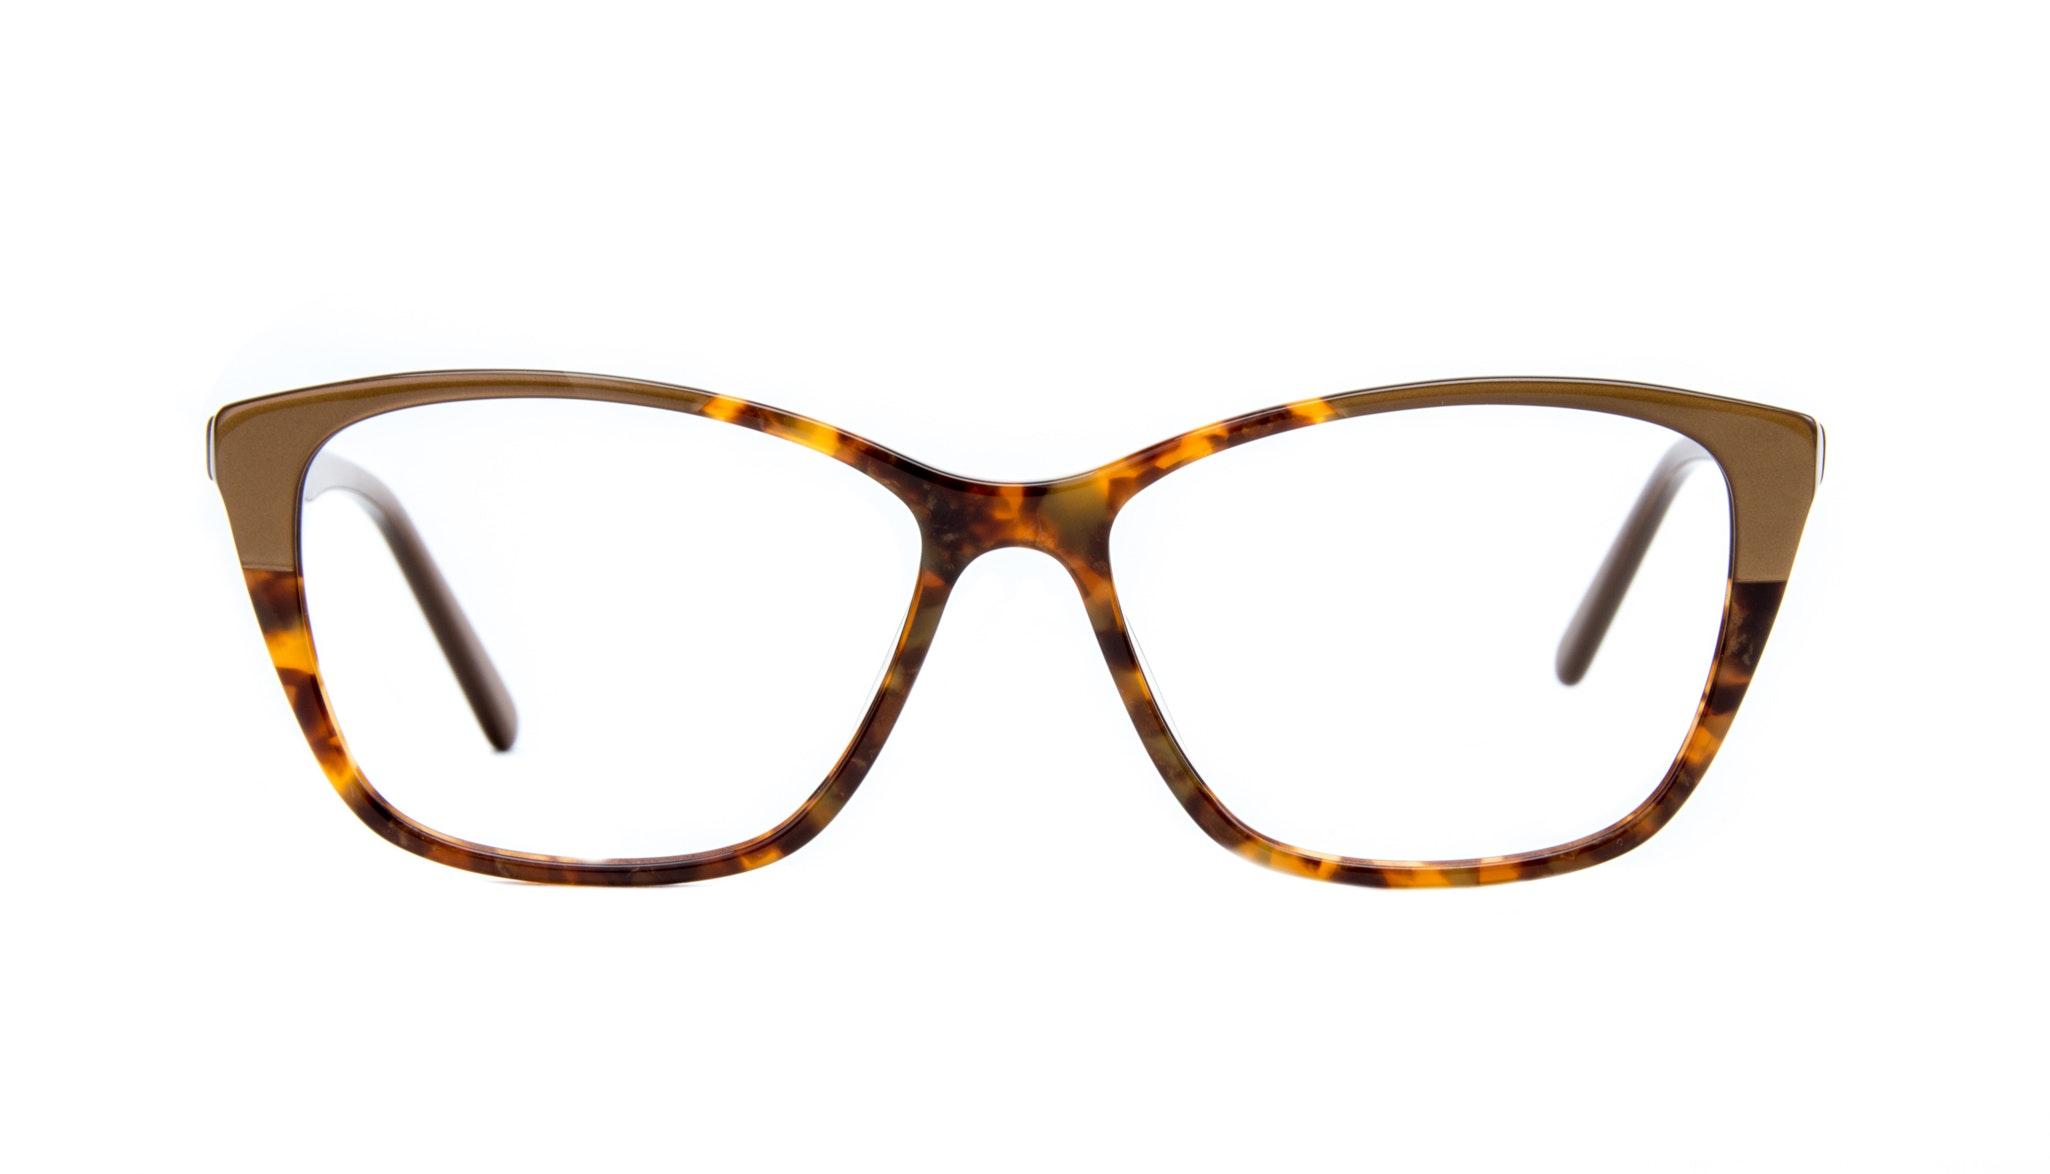 Affordable Fashion Glasses Cat Eye Rectangle Eyeglasses Women Myrtle Tort Gold Front